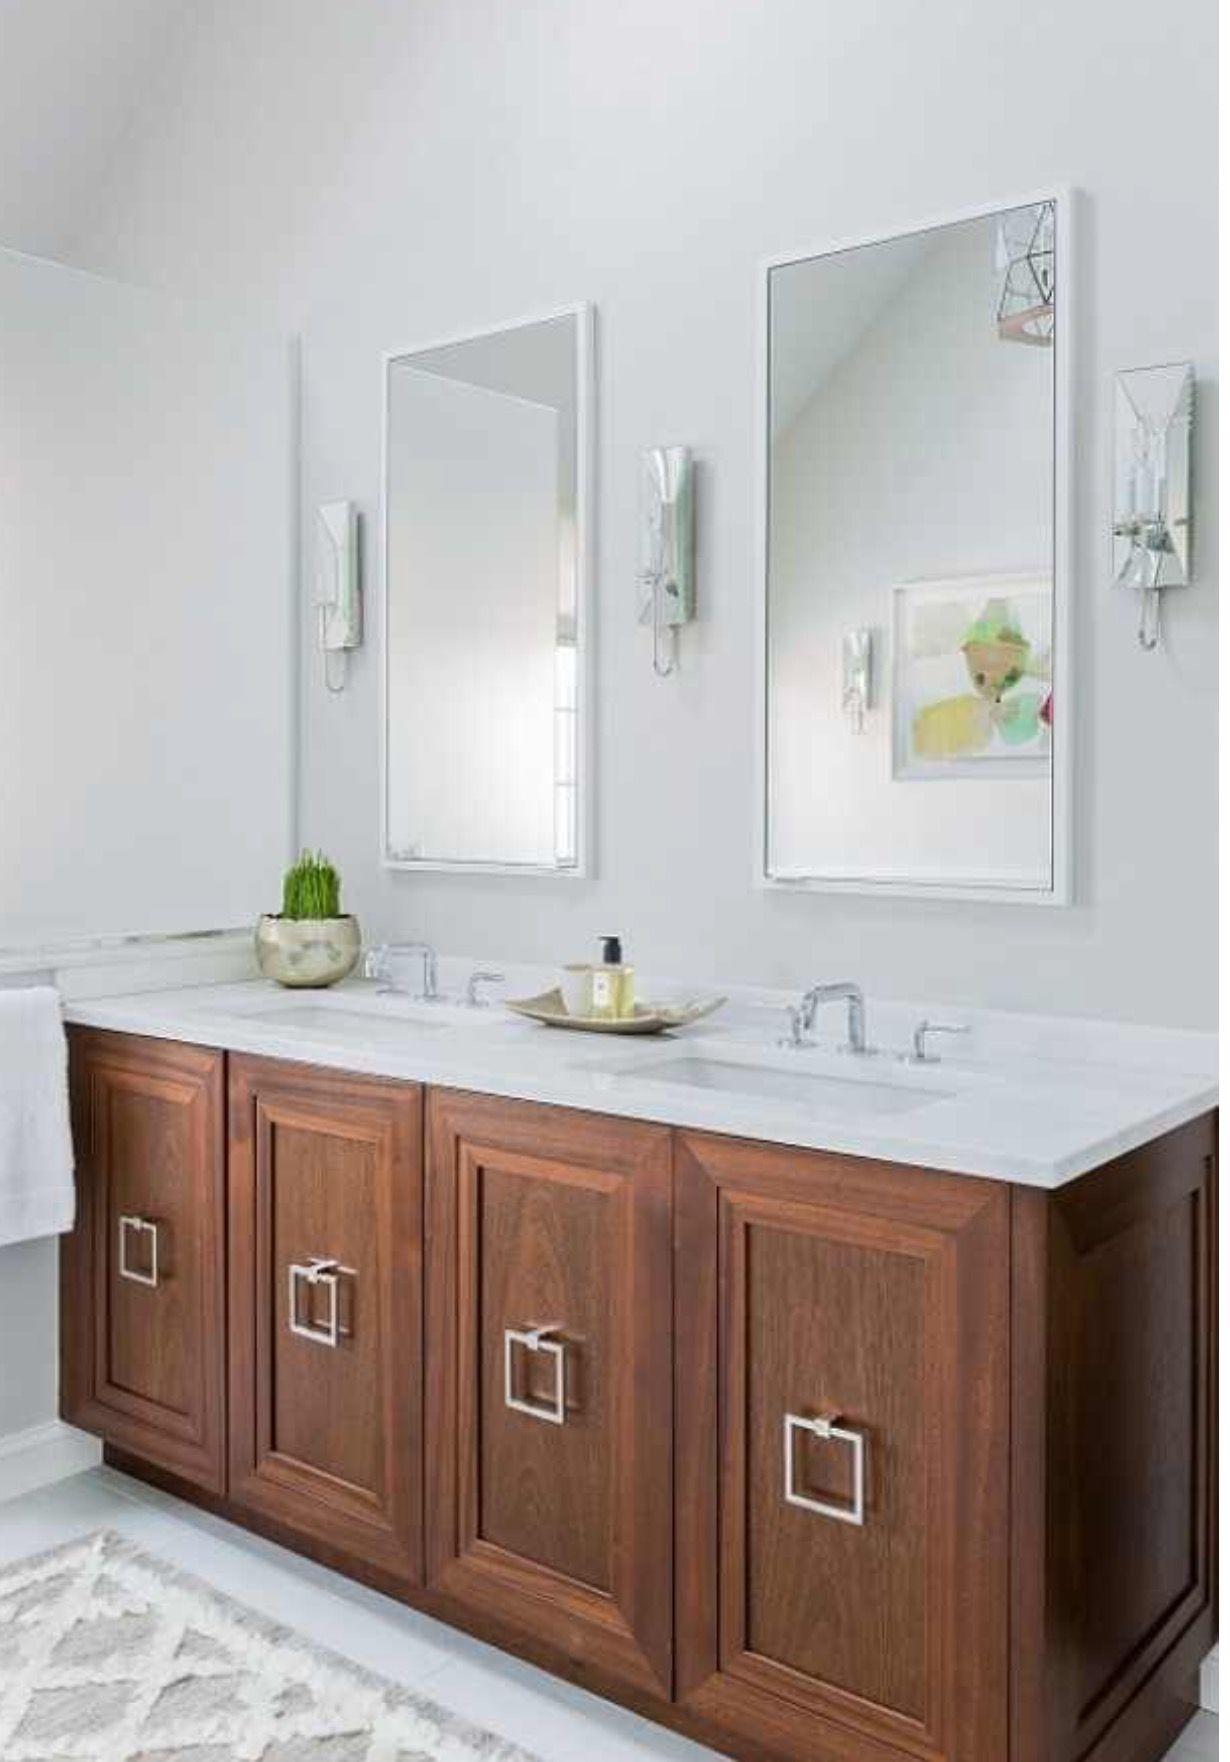 Bass - Bathroom cabinets and door handles | Bass- Bathroom ...